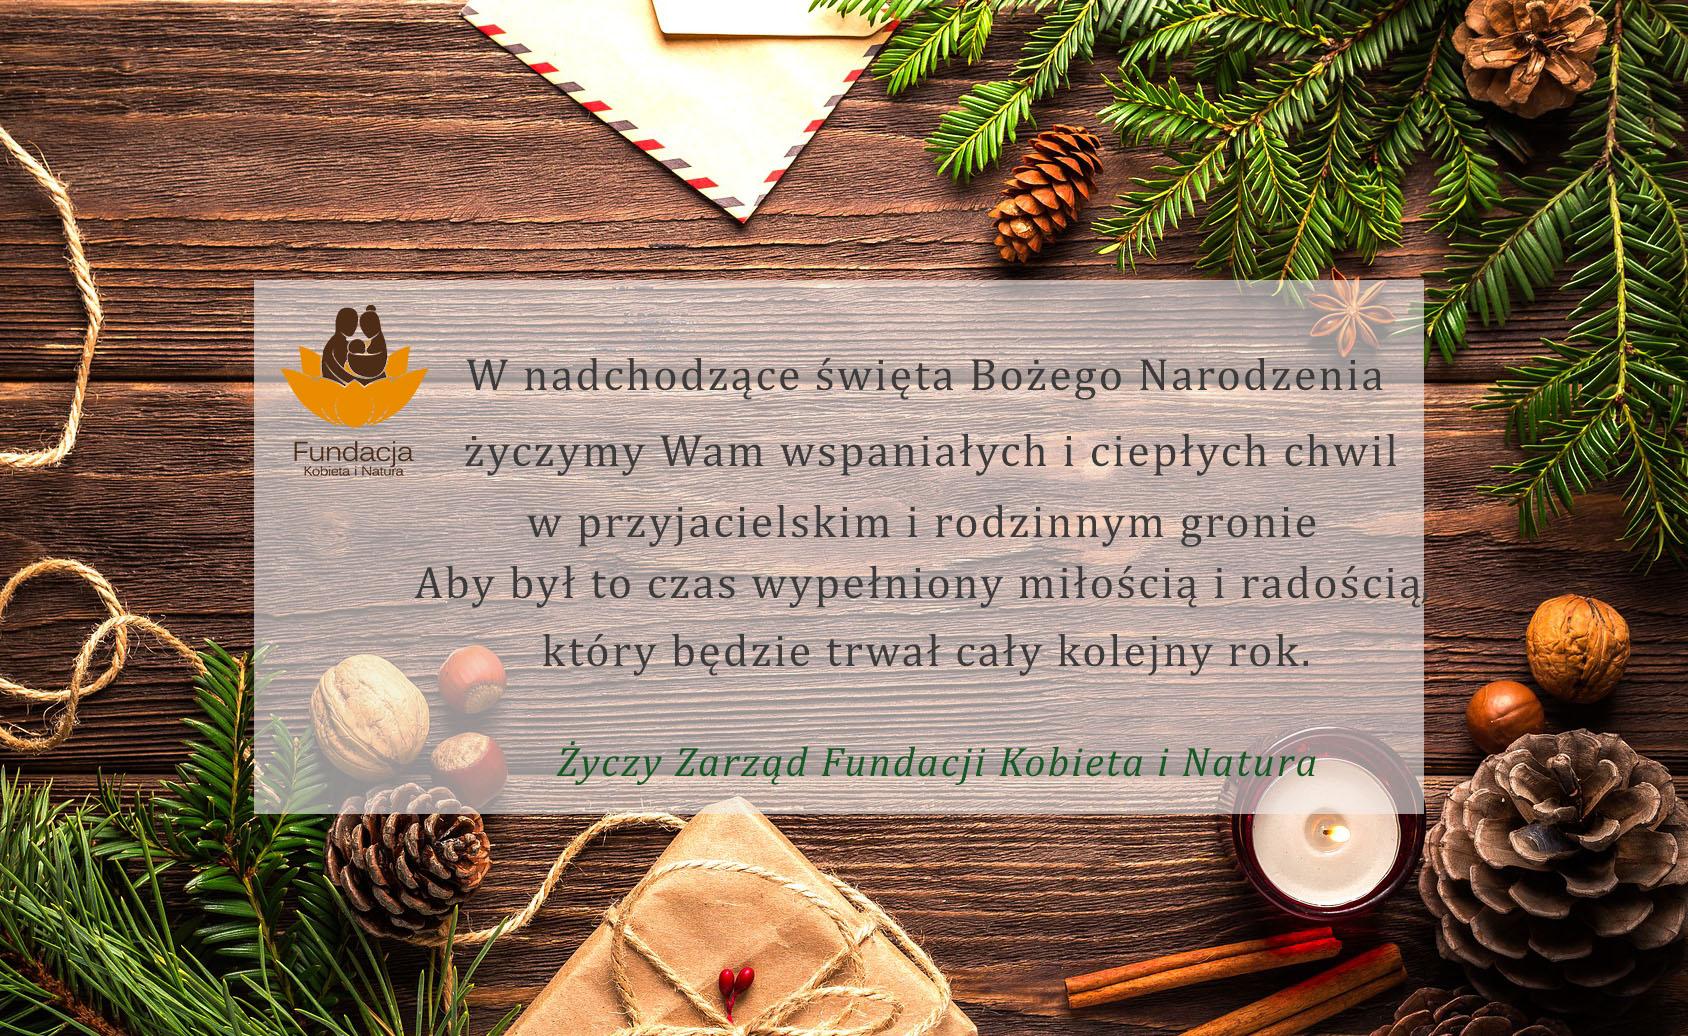 Wesołcyh Świąt